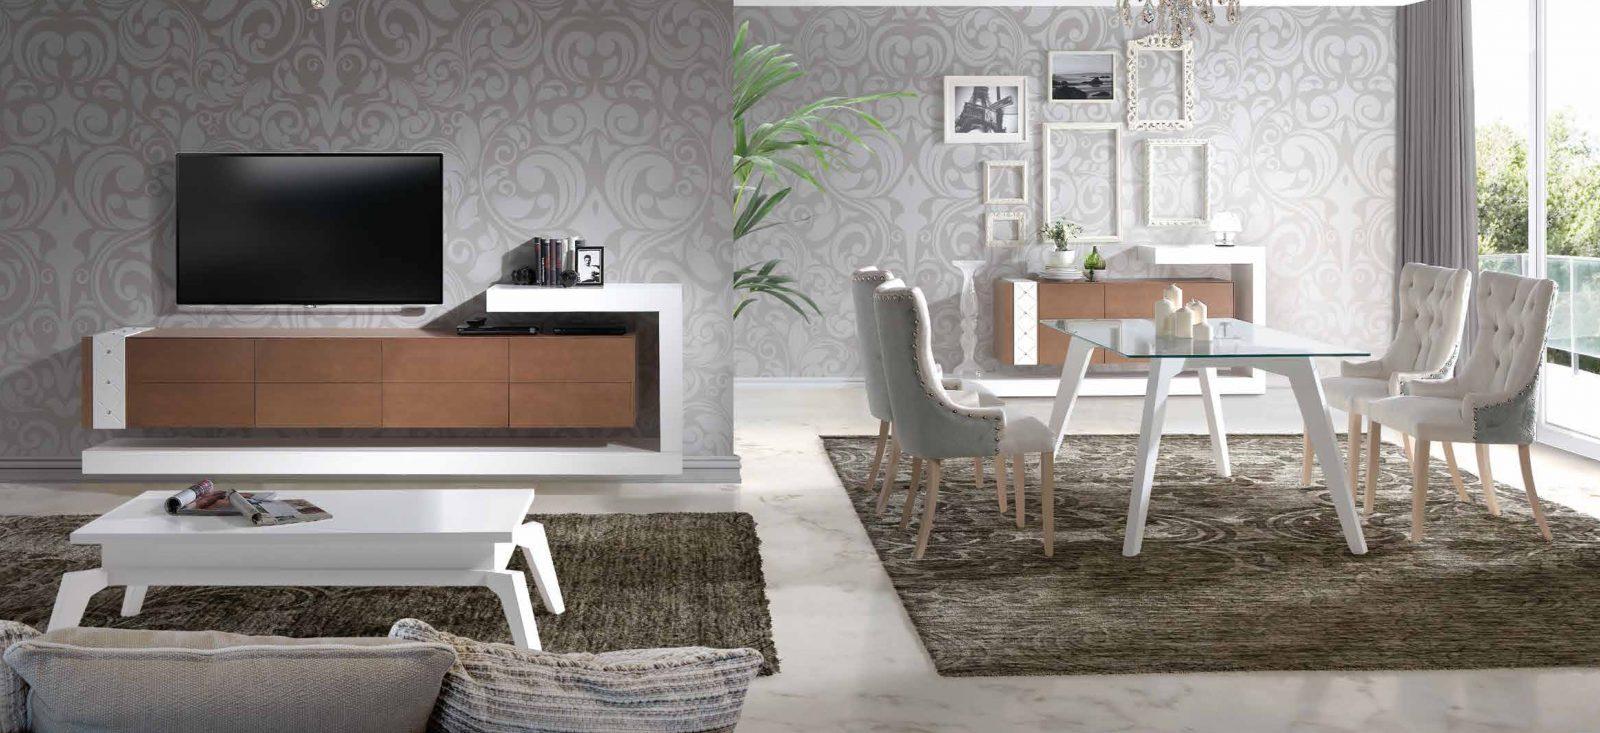 Salon comedor Venecia - Mobiliario HD